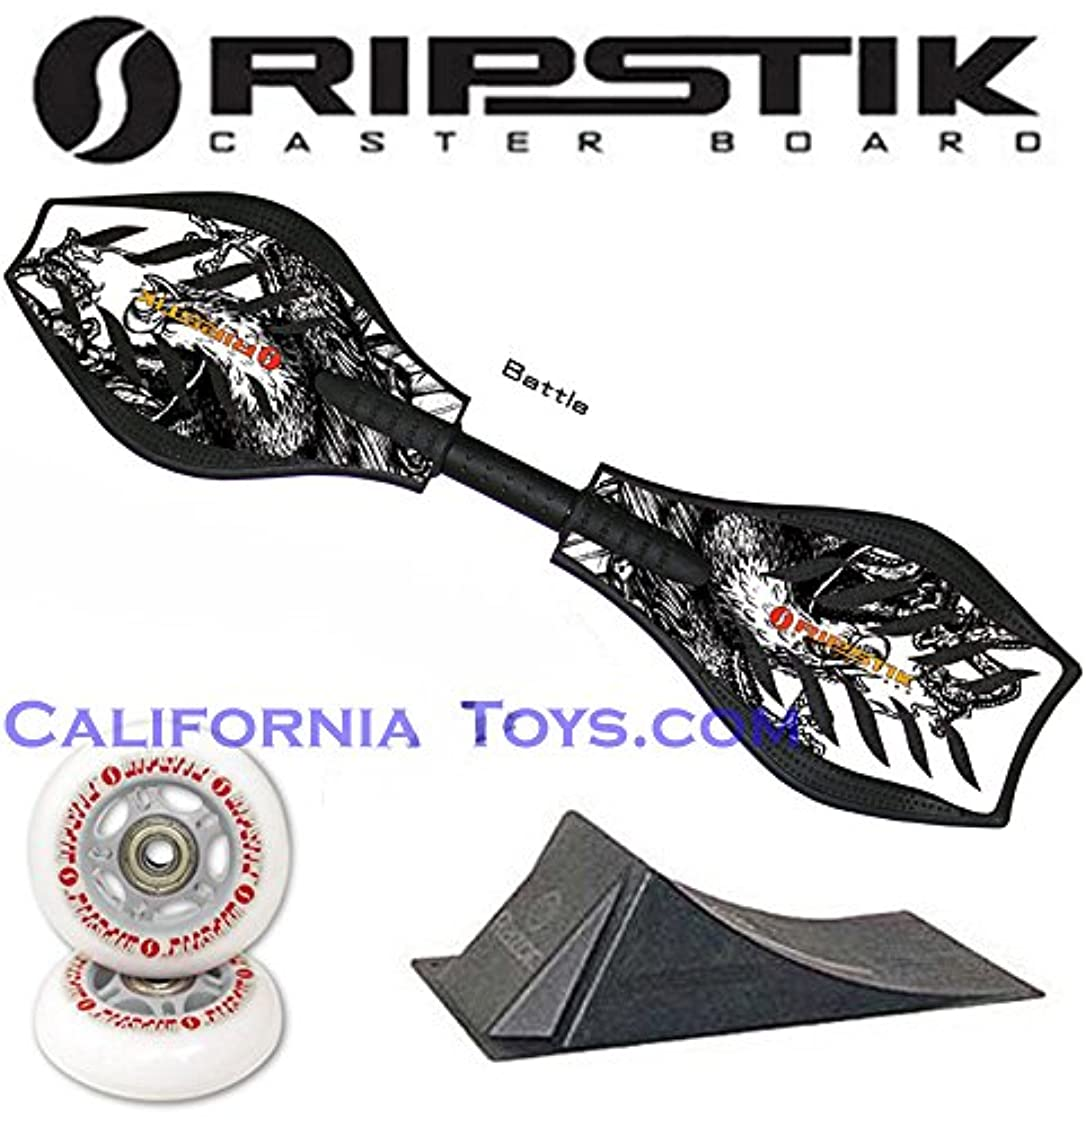 シネウィドナウ川ズボンRazor Ripstik 限定版 バトルキャスターボード スケートボード パンクスロープとグレーホイールの追加セット